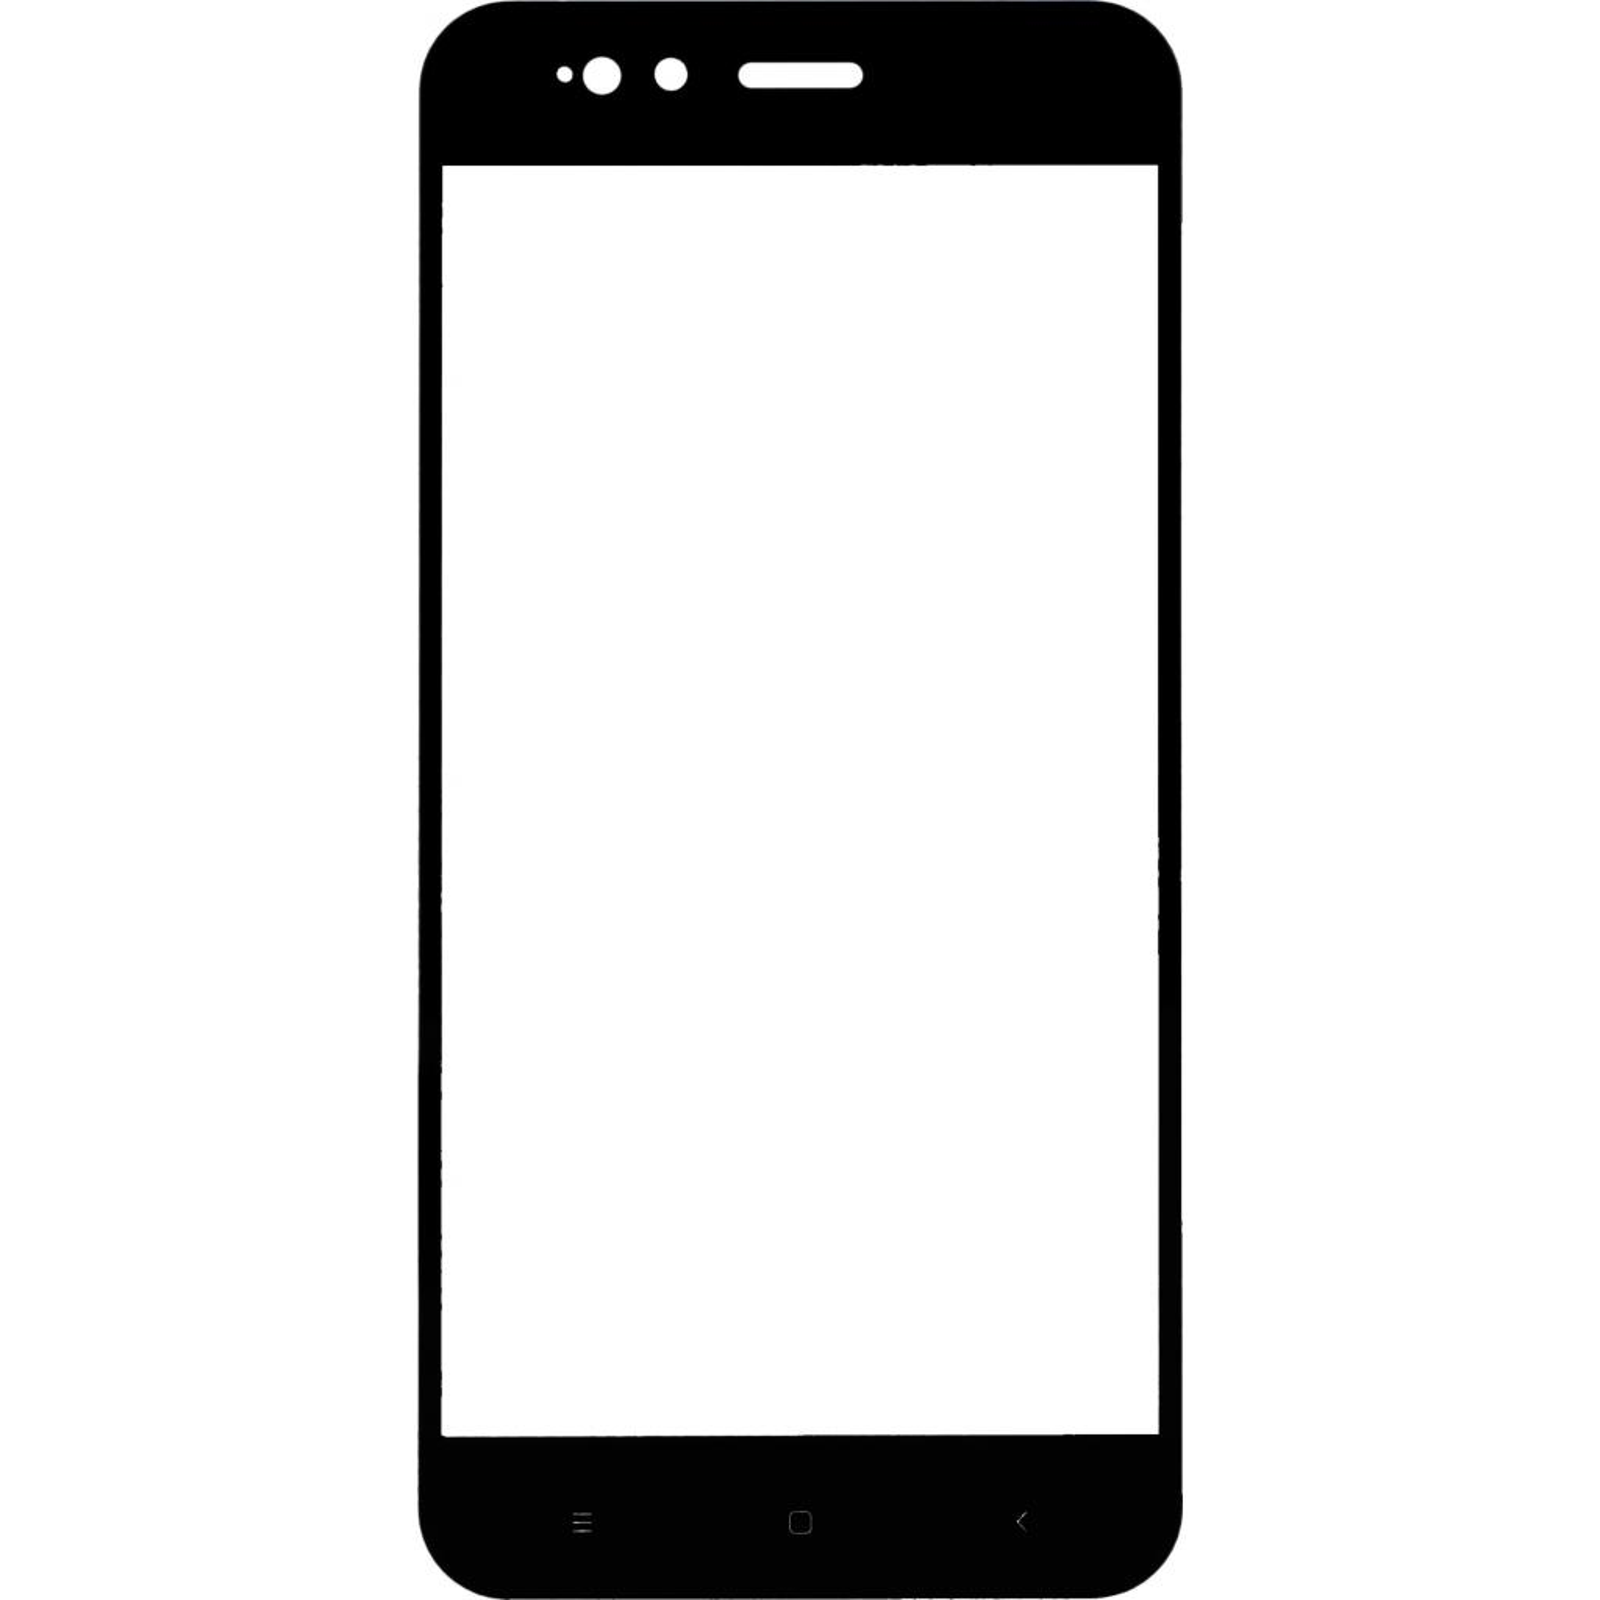 Стекло защитное MakeFuture для Xiaomi MiA1 Black Full Cover Full Glue (MGFCFG-XMA1B) изображение 3